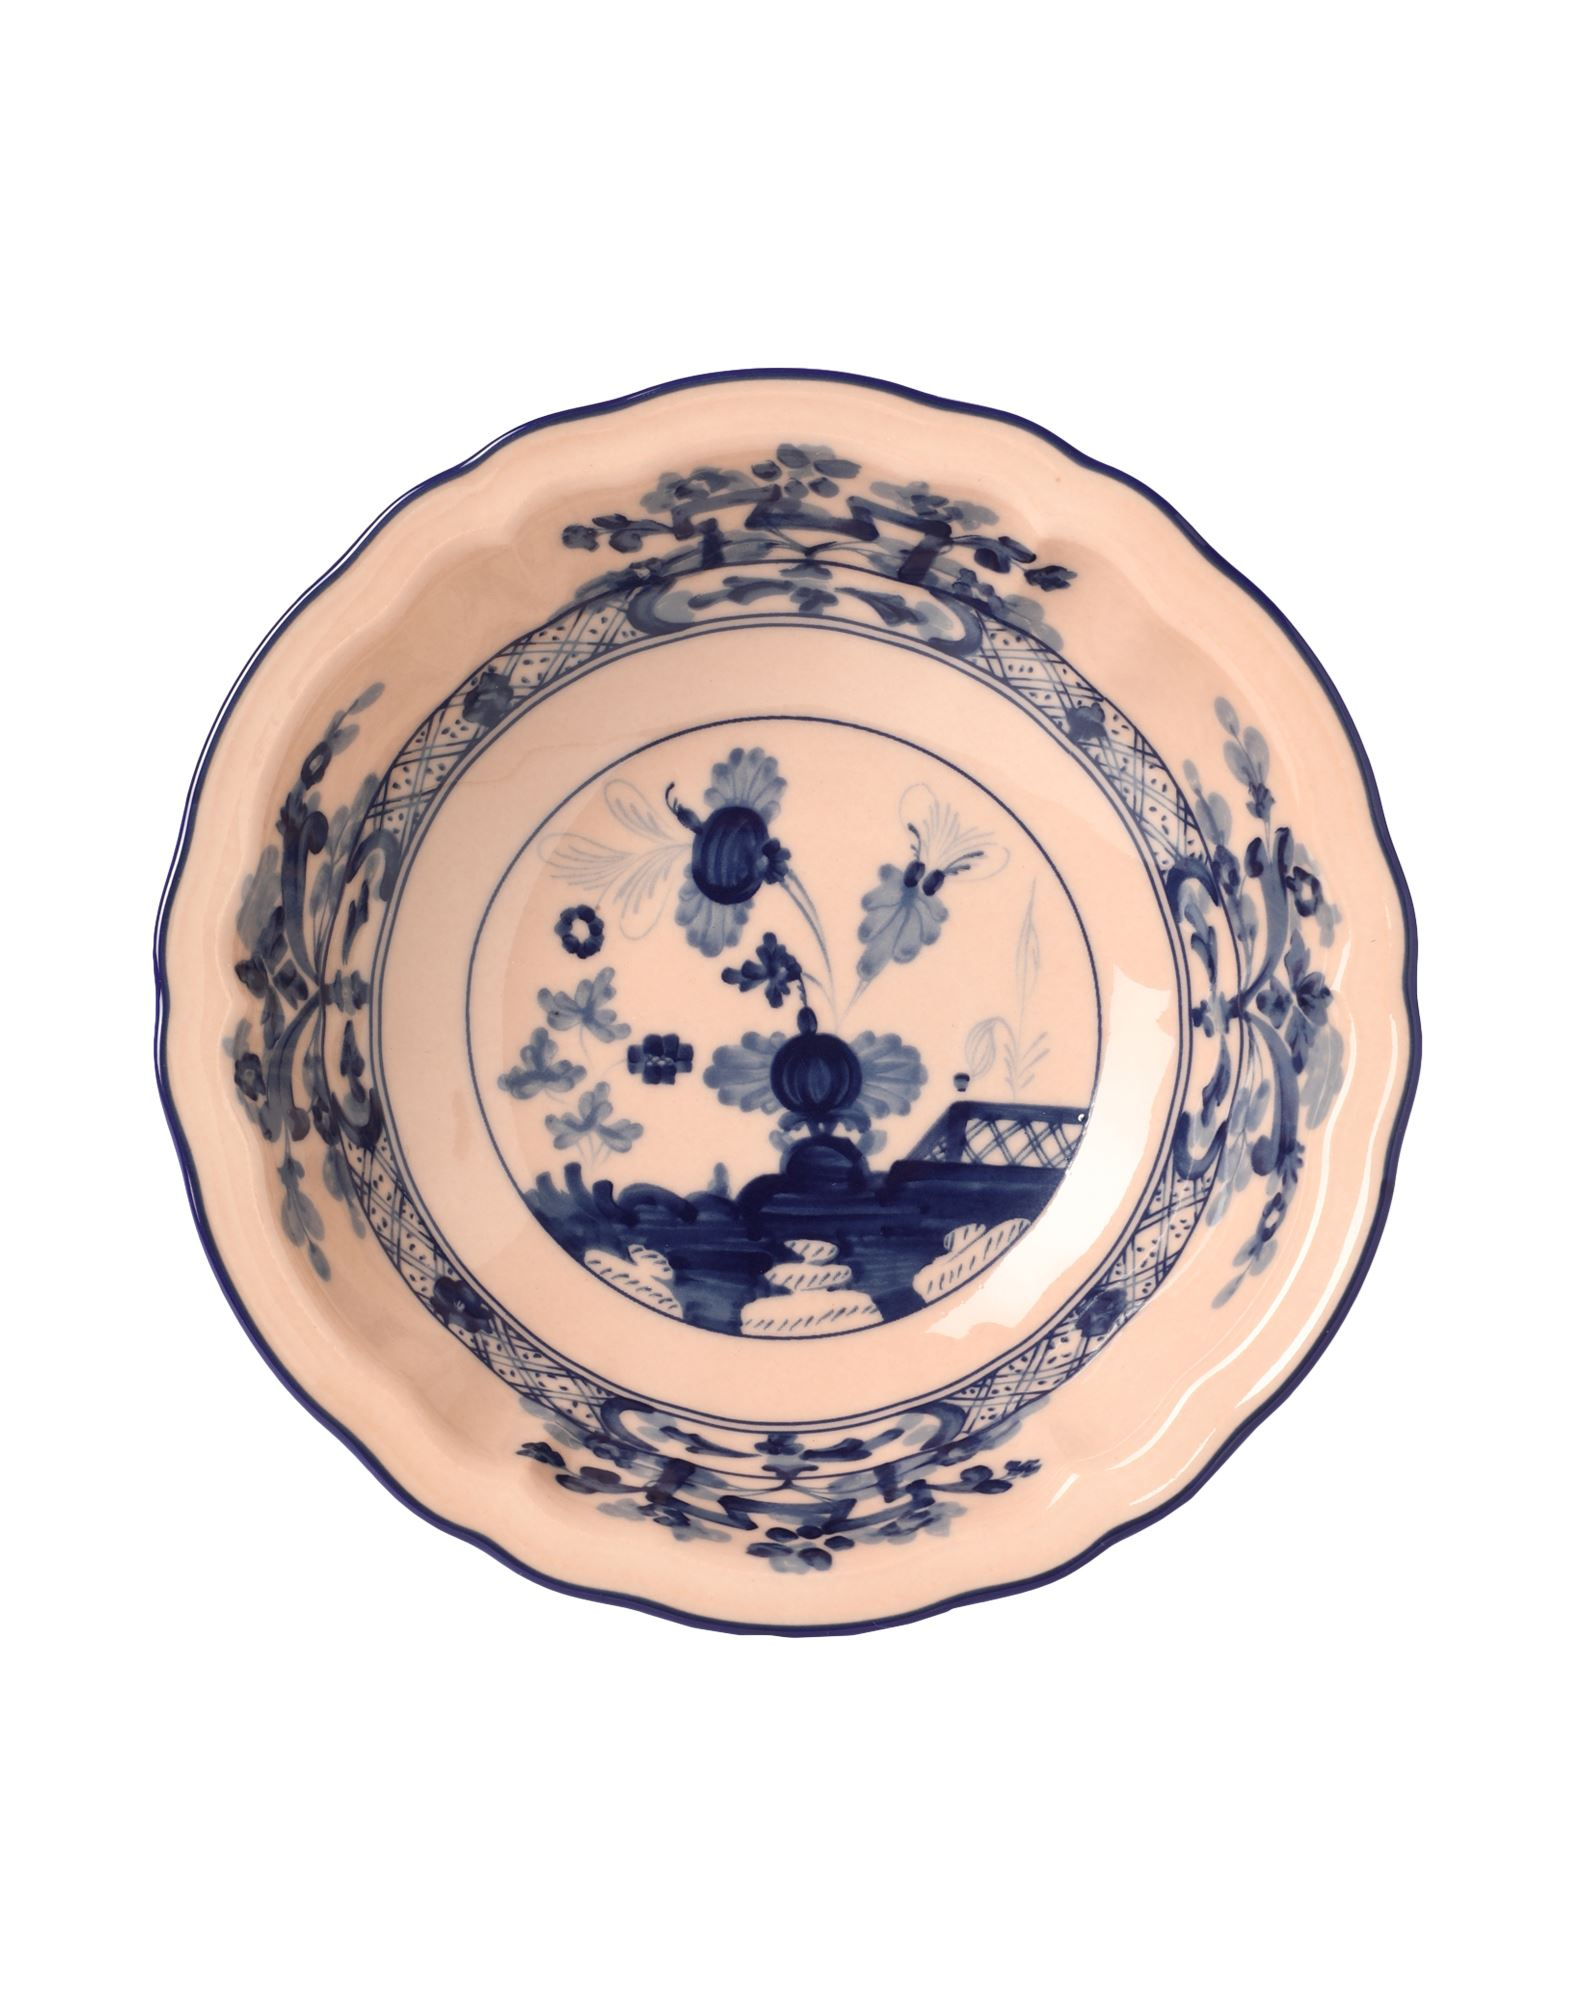 《セール開催中》RICHARD GINORI Unisex オーナメンタルプレート サーモンピンク 陶製 ORIENTE ITALIANO Fruit bowl